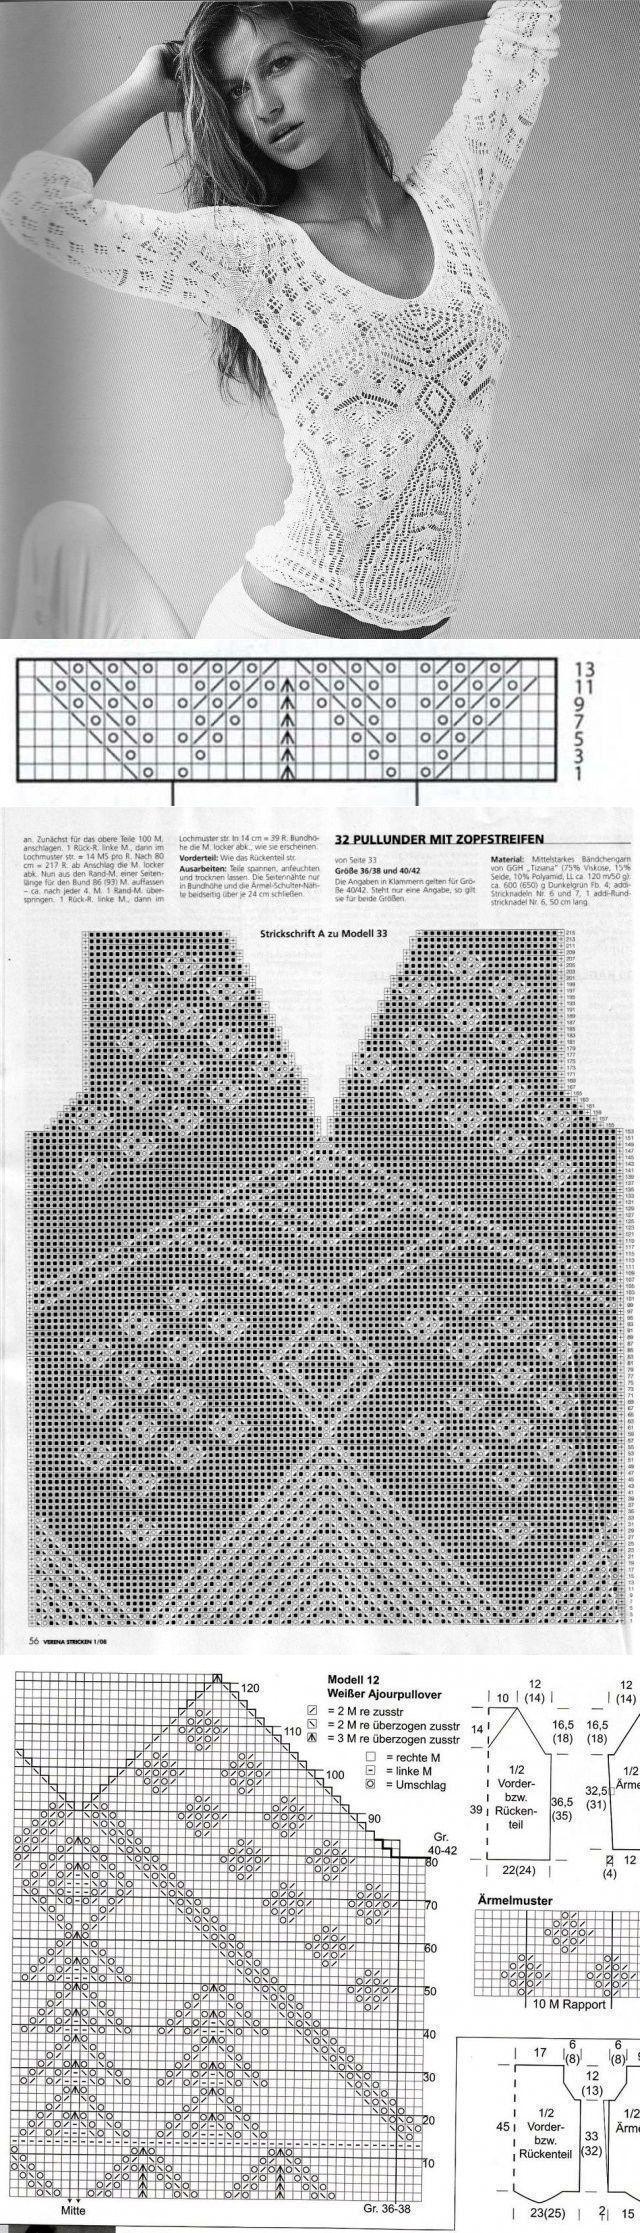 knitting pattern blouse ...♥ Deniz ♥ [] #<br/> # #Knitting #Patterns,<br/> # #Knitting,<br/> # #Blouses,<br/> # #Tissues<br/>